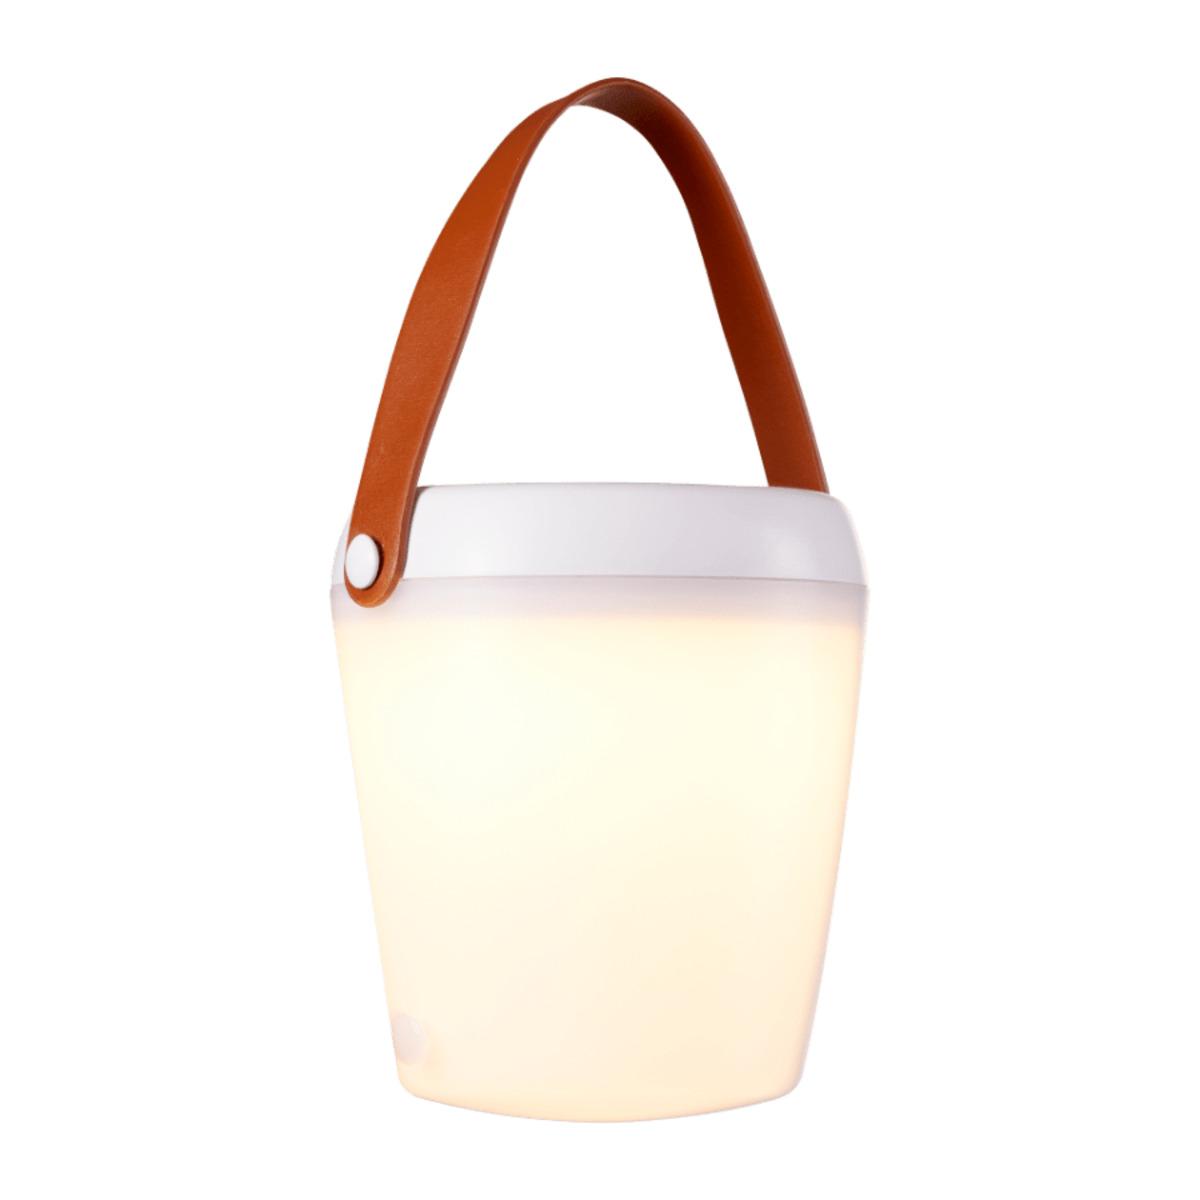 Bild 1 von LIGHTZONE     LED Laterne